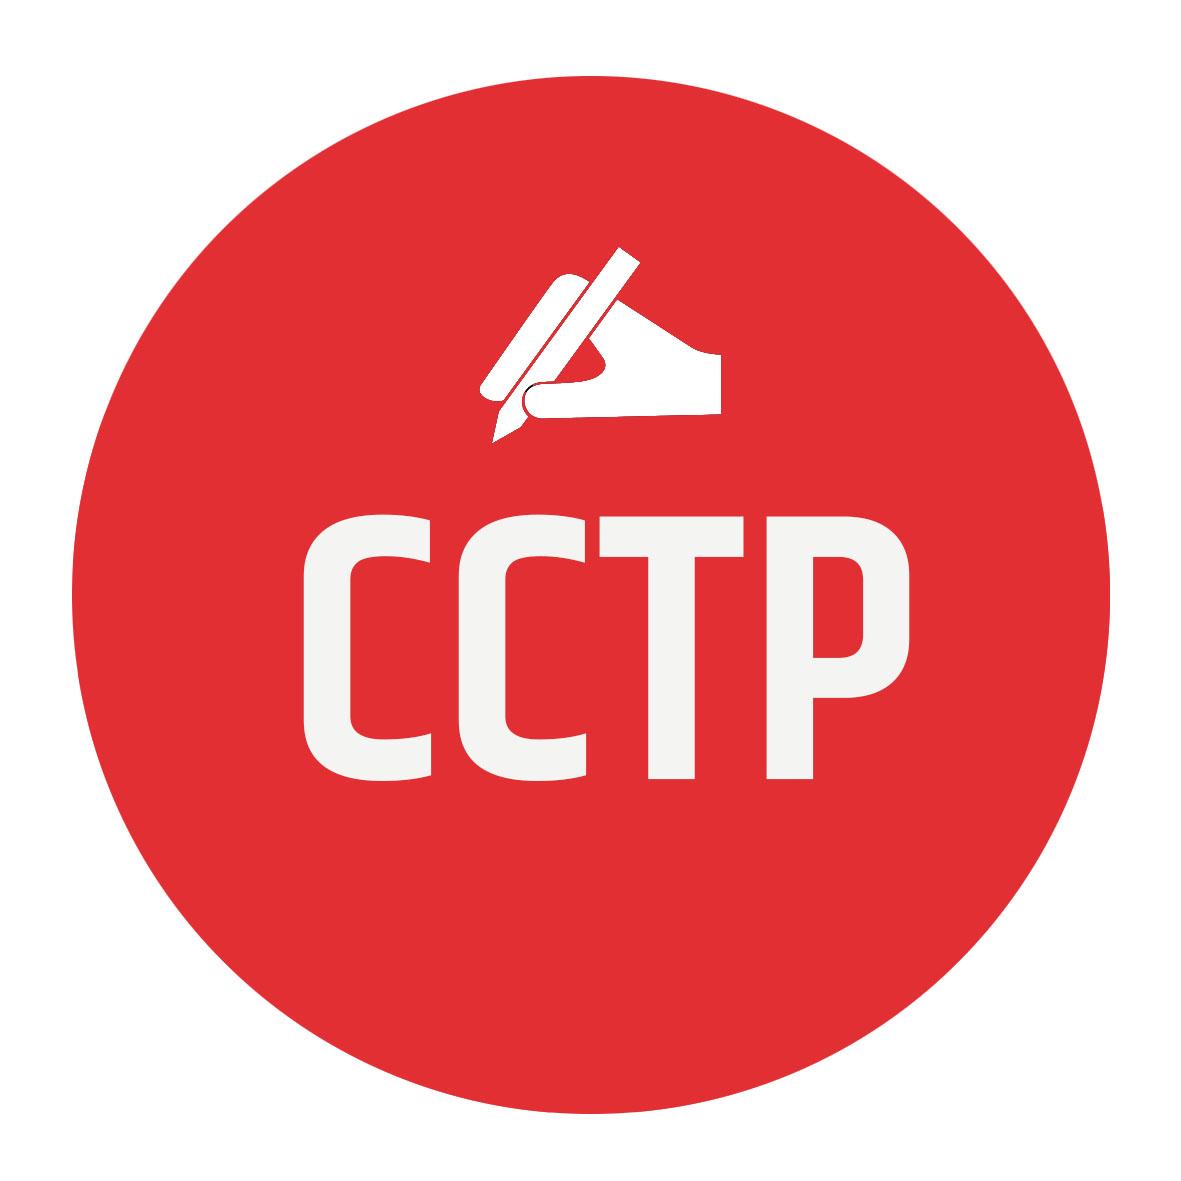 picto cctp avec matériel Rondson